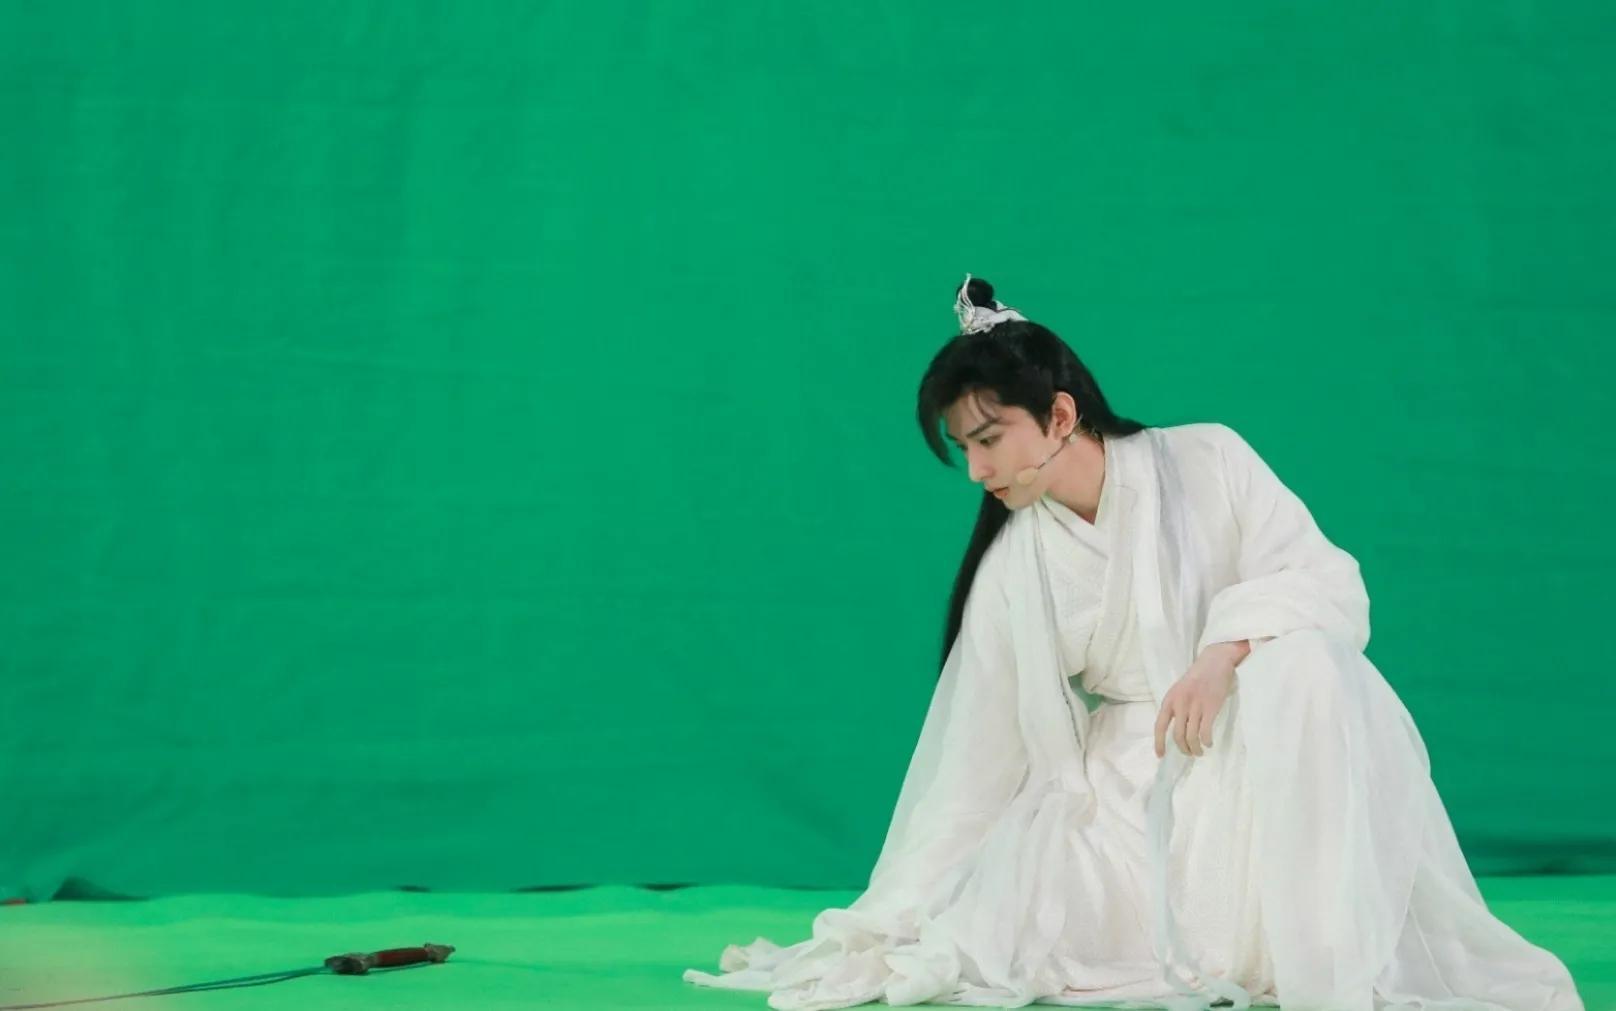 """《快本》迎来古装剧专场:成毅再饰司凤,海涛又""""碰瓷""""一博"""